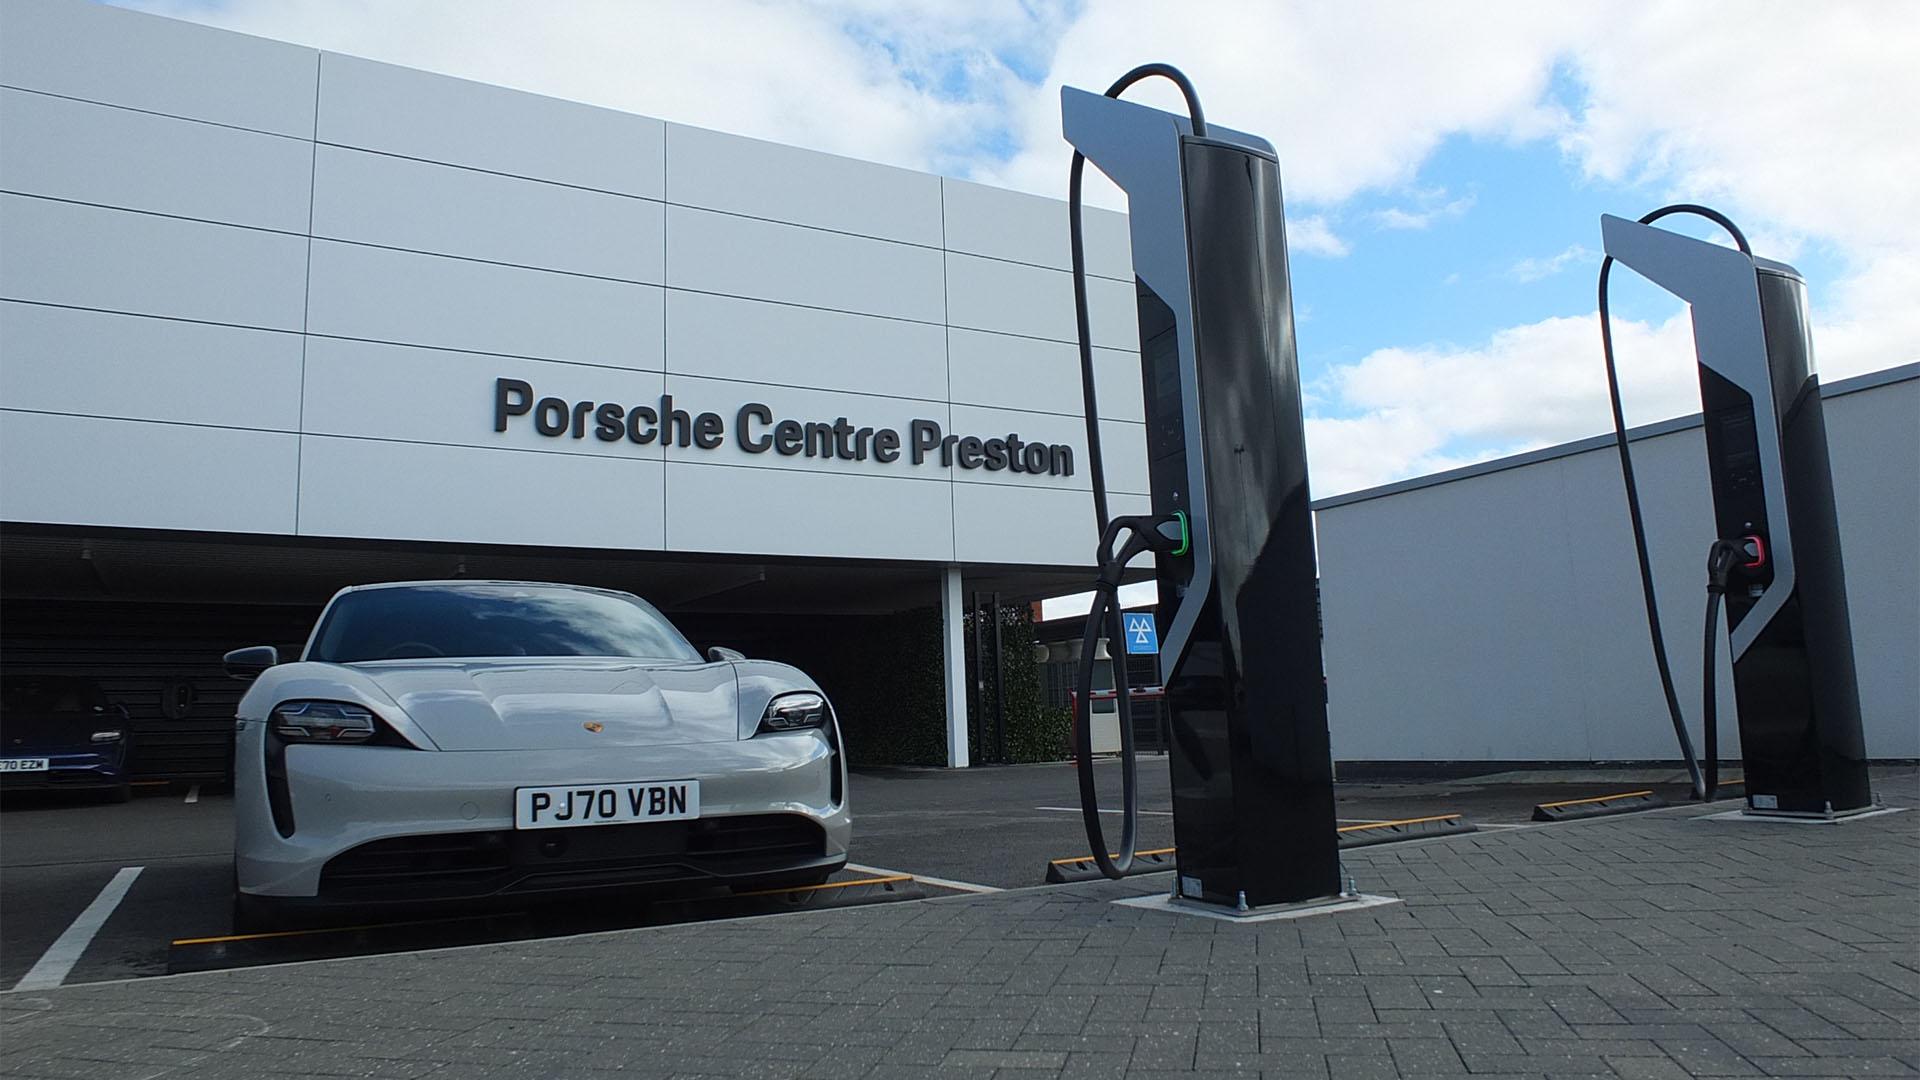 UK's First Ultra High Speed Porsche Charging Points Installed in Preston, Lancashire